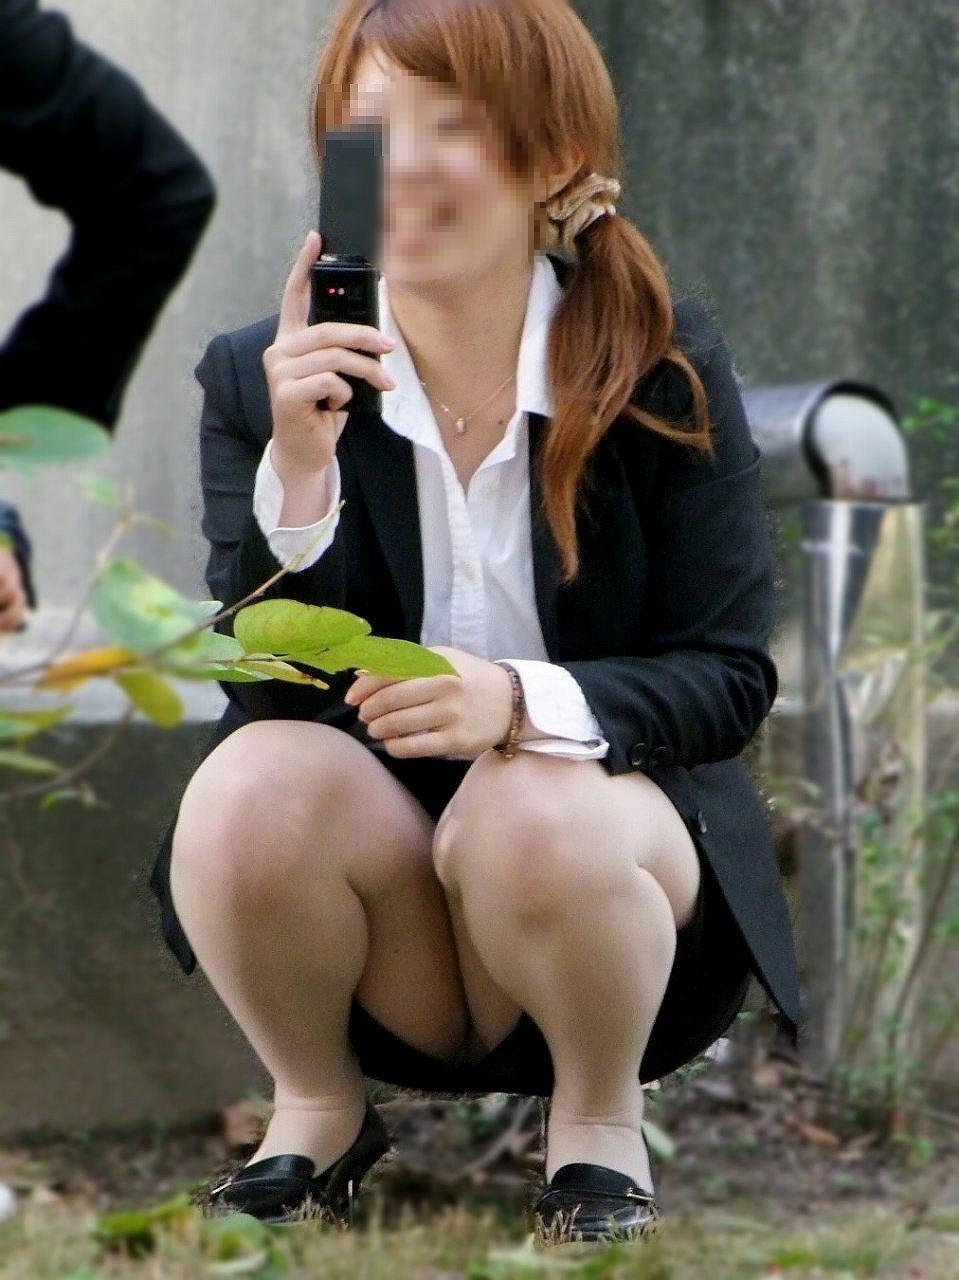 【パンチラエロ画像】地べたも気にせず座る若者ならば下着も当然の如く丸見えwww 06